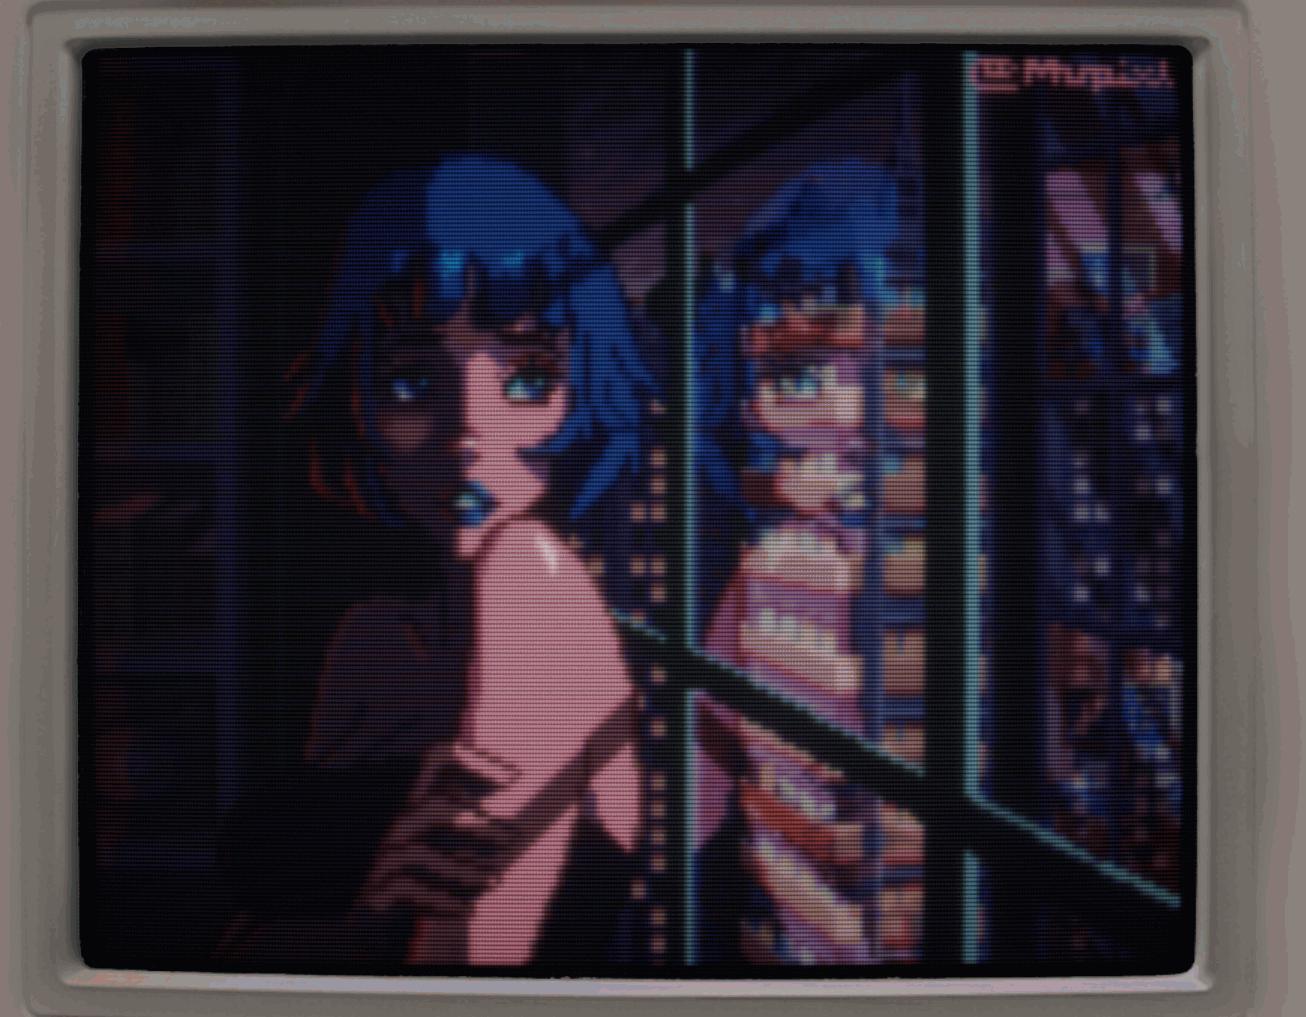 Вот как CRT-фильтр улучшает пиксель-арт